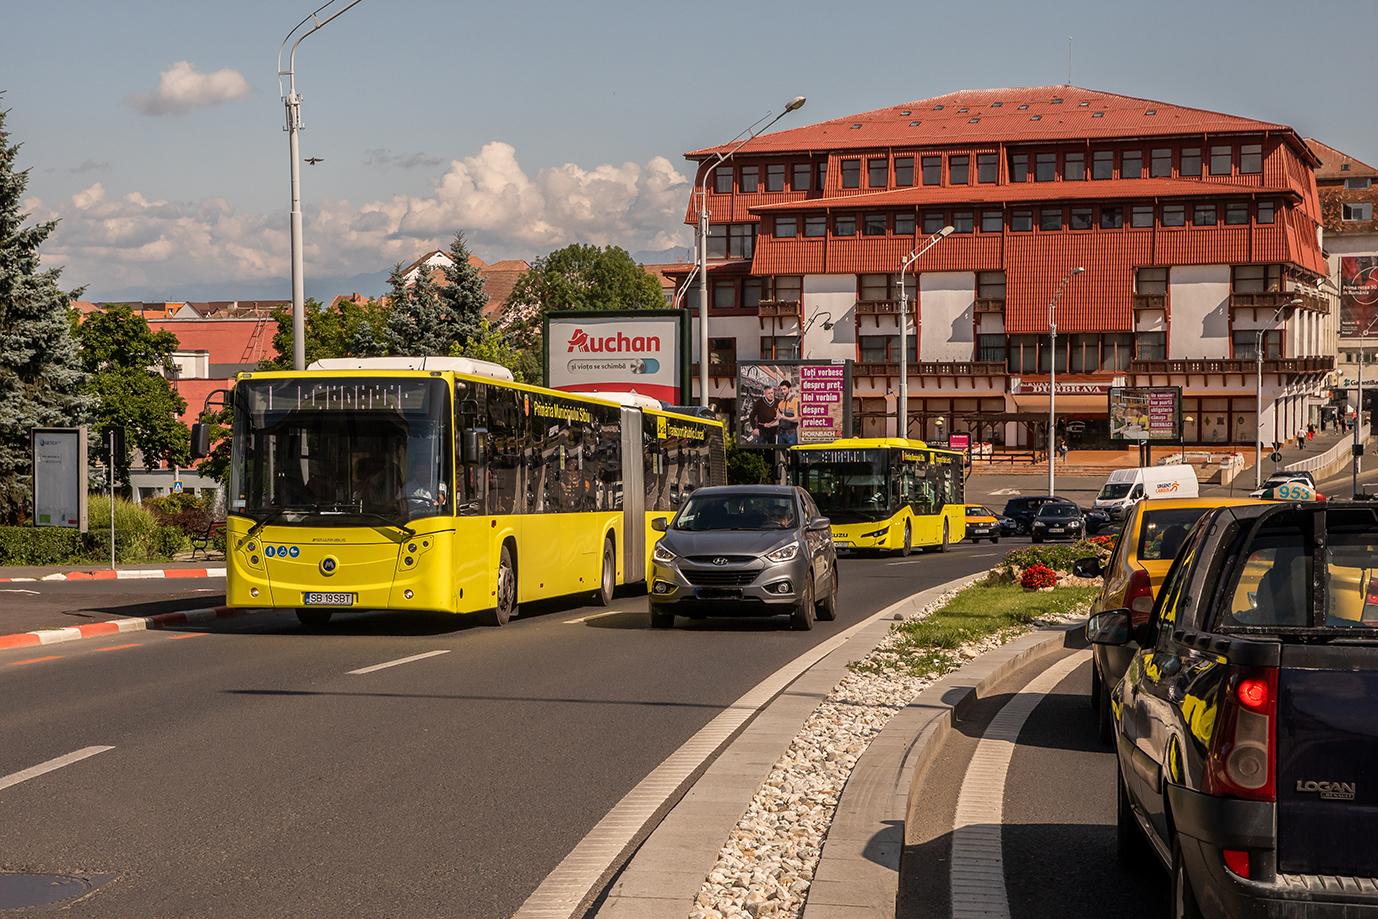 Trasee Tursib deviate din cauza lucrărilor pe strada Podului